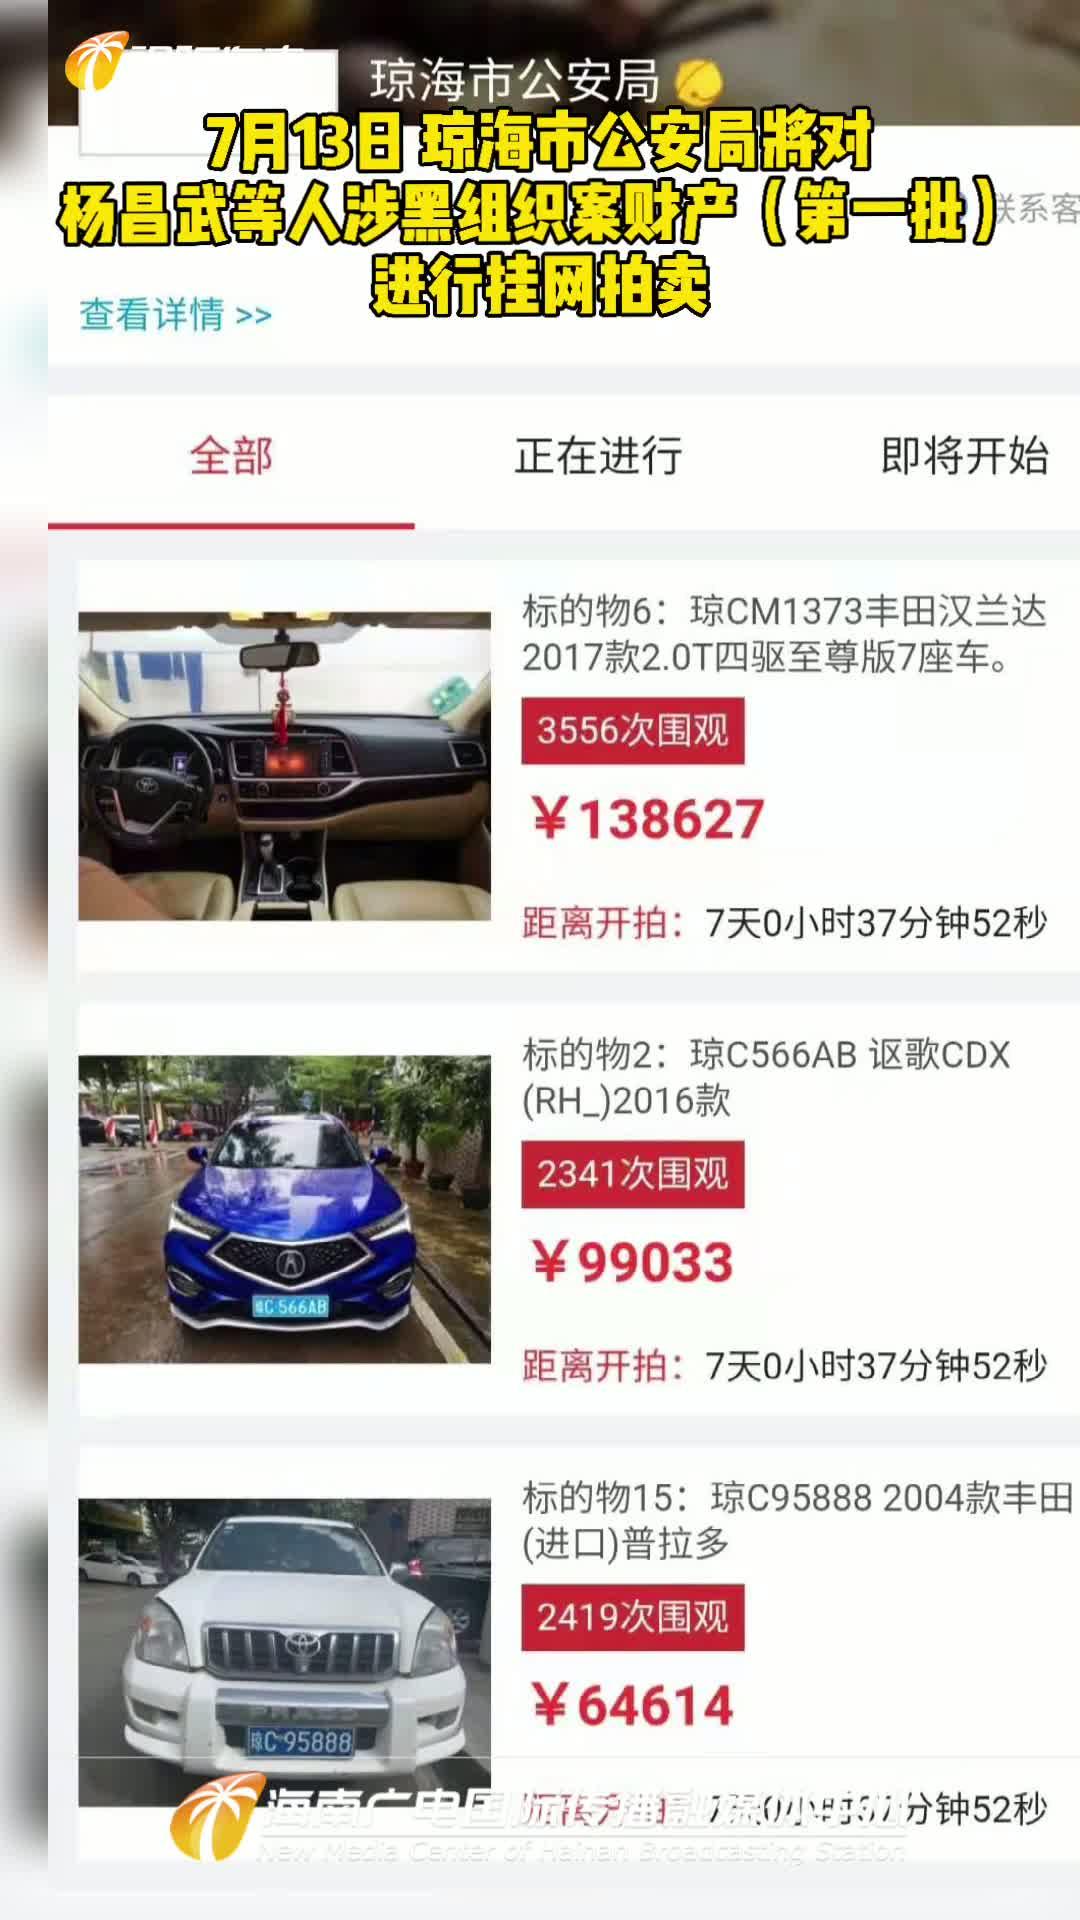 7月13日,一批涉黑组织案财产挂网拍卖,包括房产、车辆、手机……